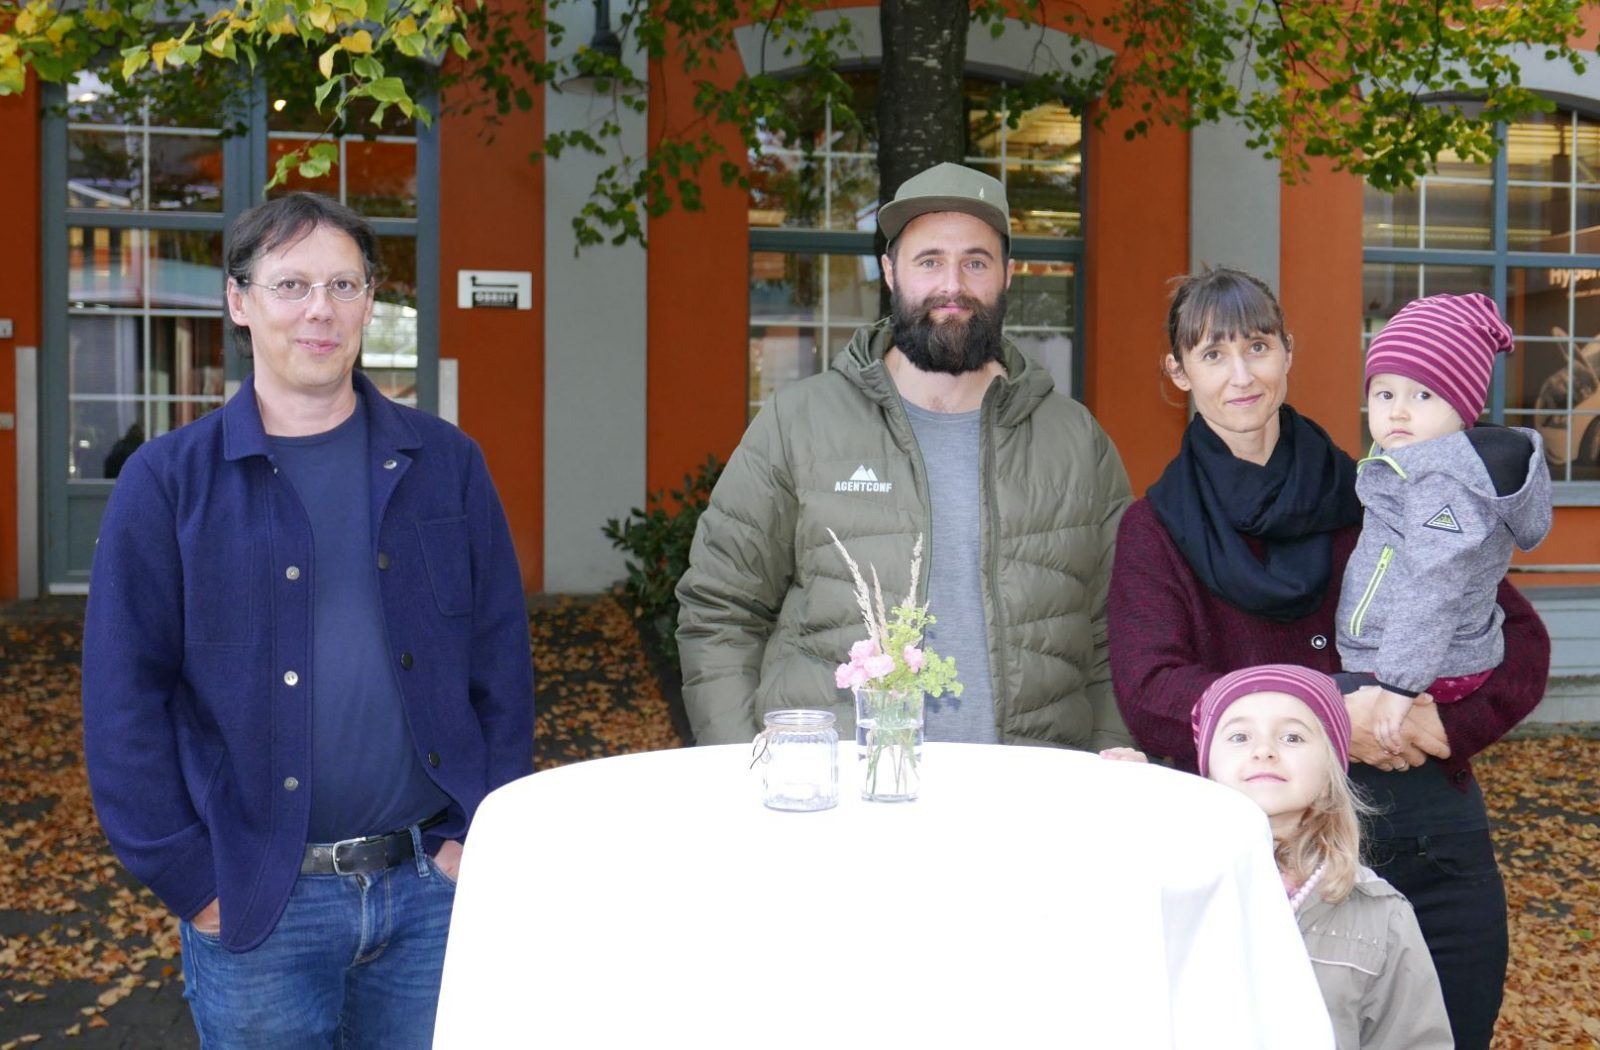 Manfred_Stemmer_Thomas_und_Tanja_Vogel_mit_Kindern